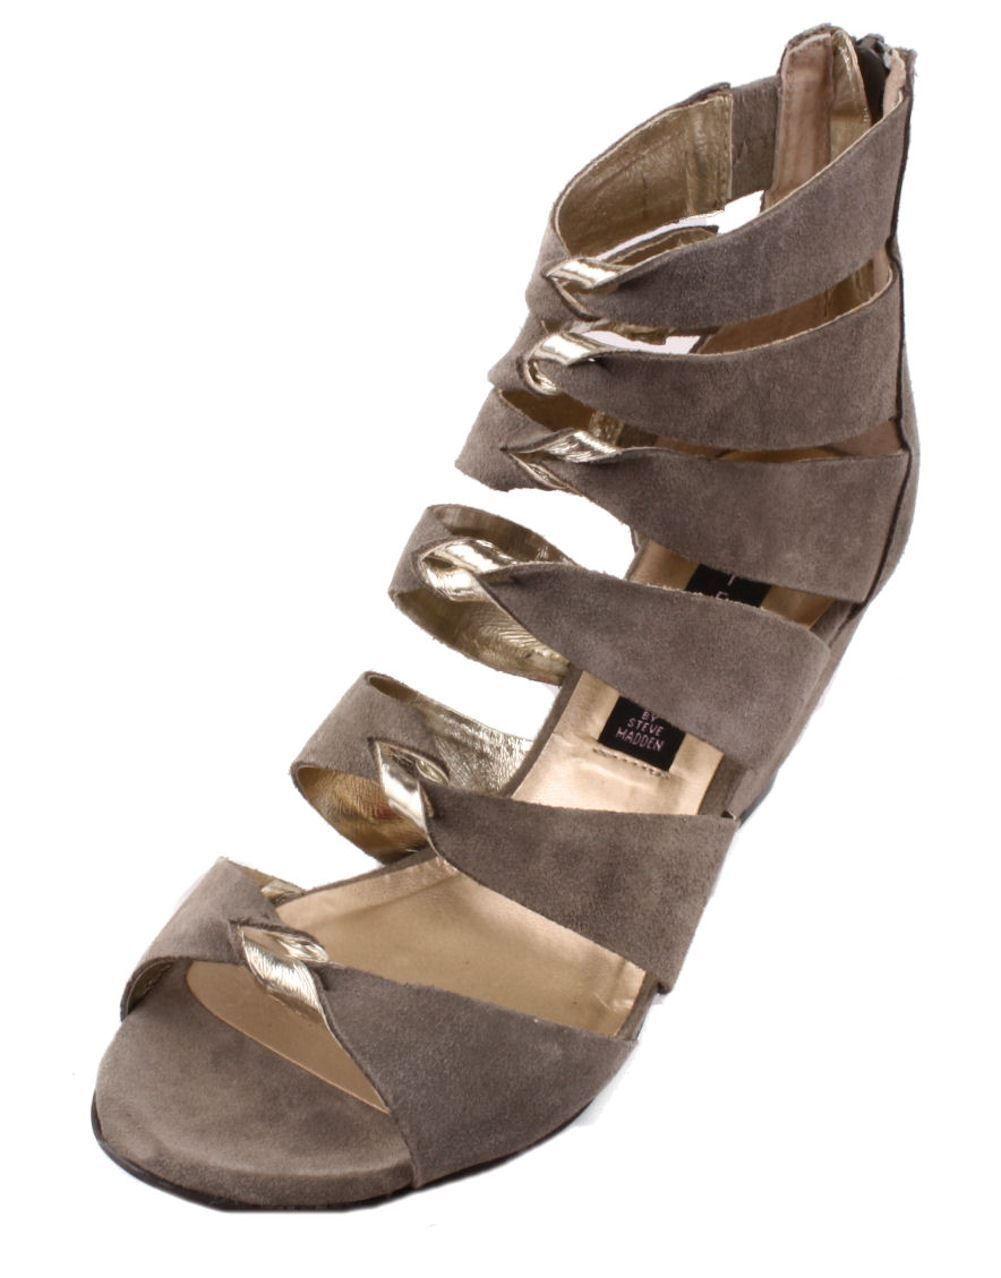 Steven by Steven Madden Gabbey Women's Gladiator Wedge Sandal (Taupe)